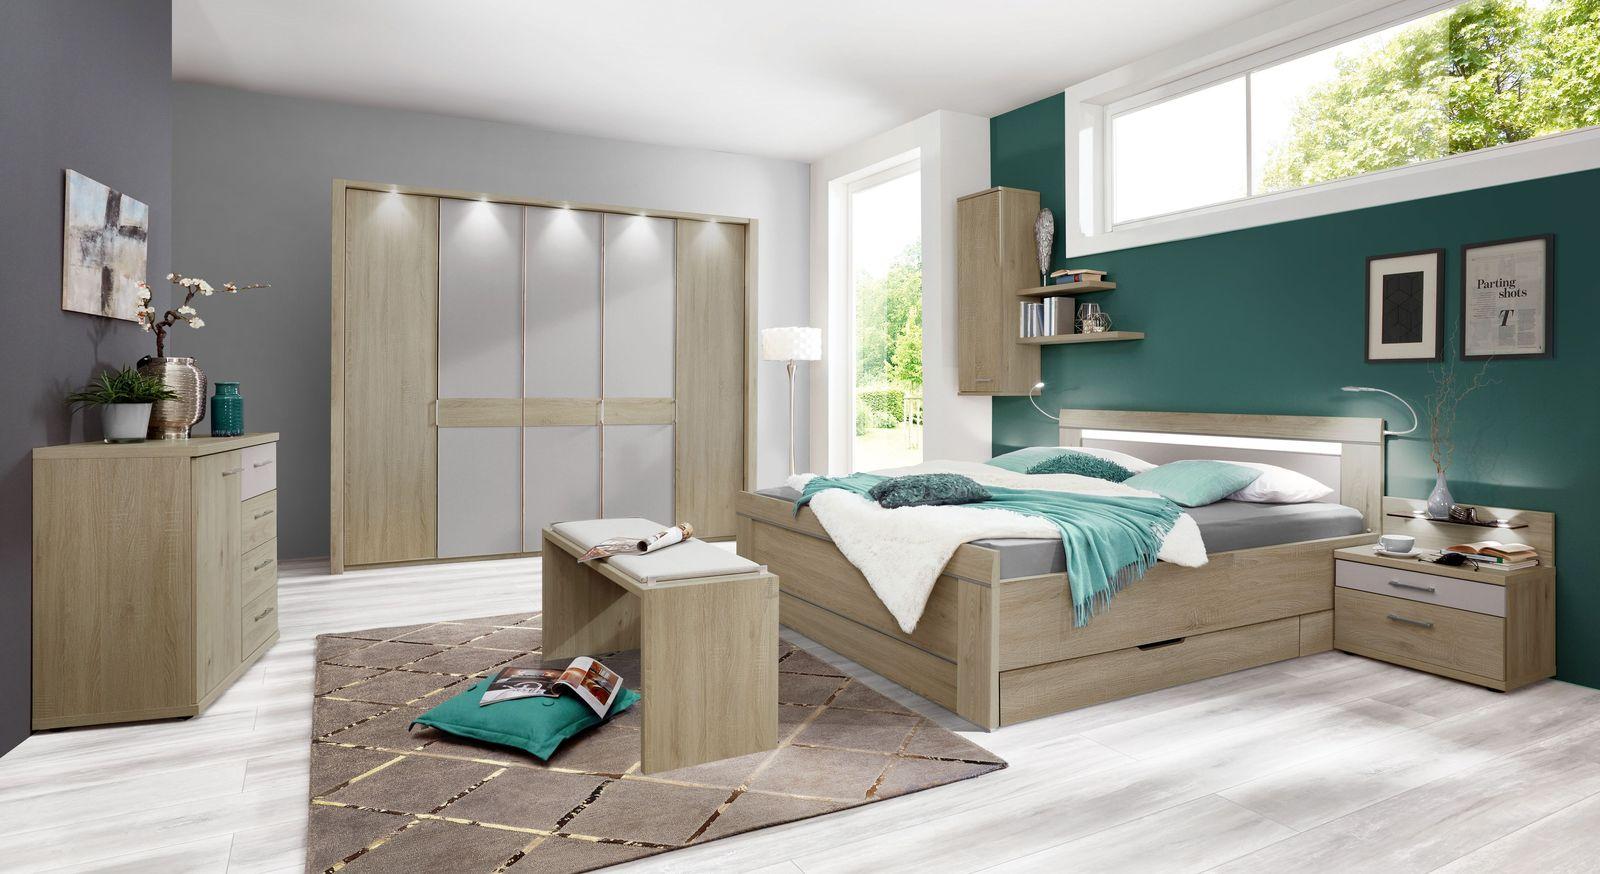 Bett Pelham mit passender Schlafzimmer-Ausstattung